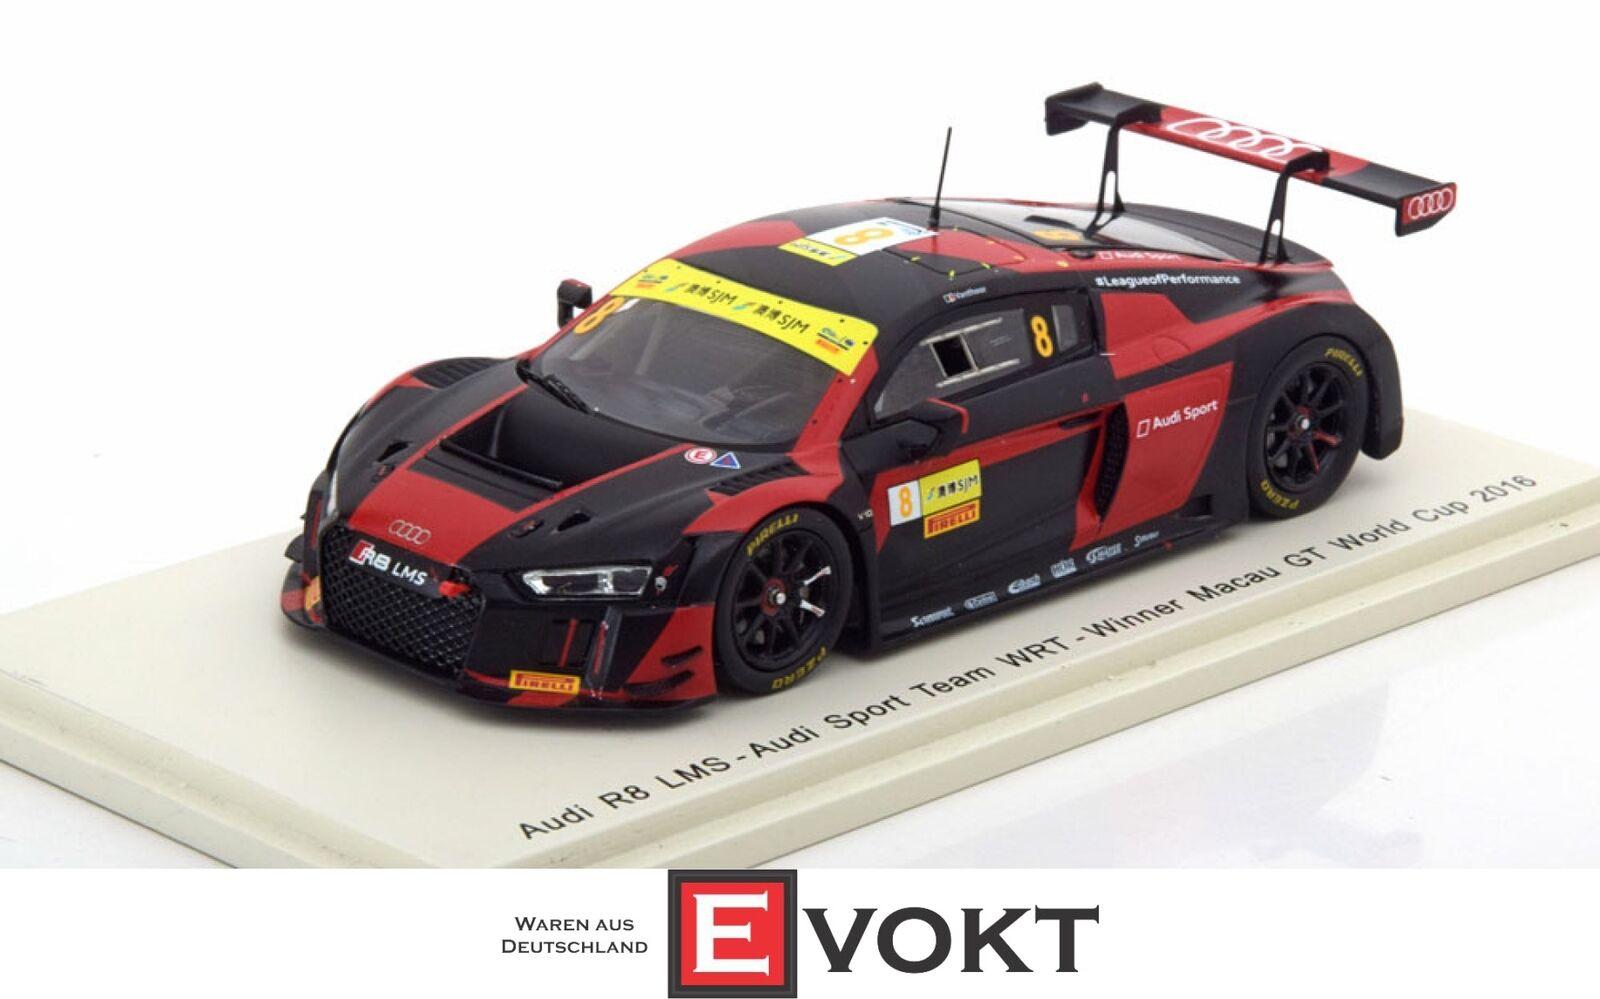 Audi  R8 LMS WRT winner macau gt coupe du monde 2016 Laurens Vanthoor, SPARK 1 43  plus d'ordre